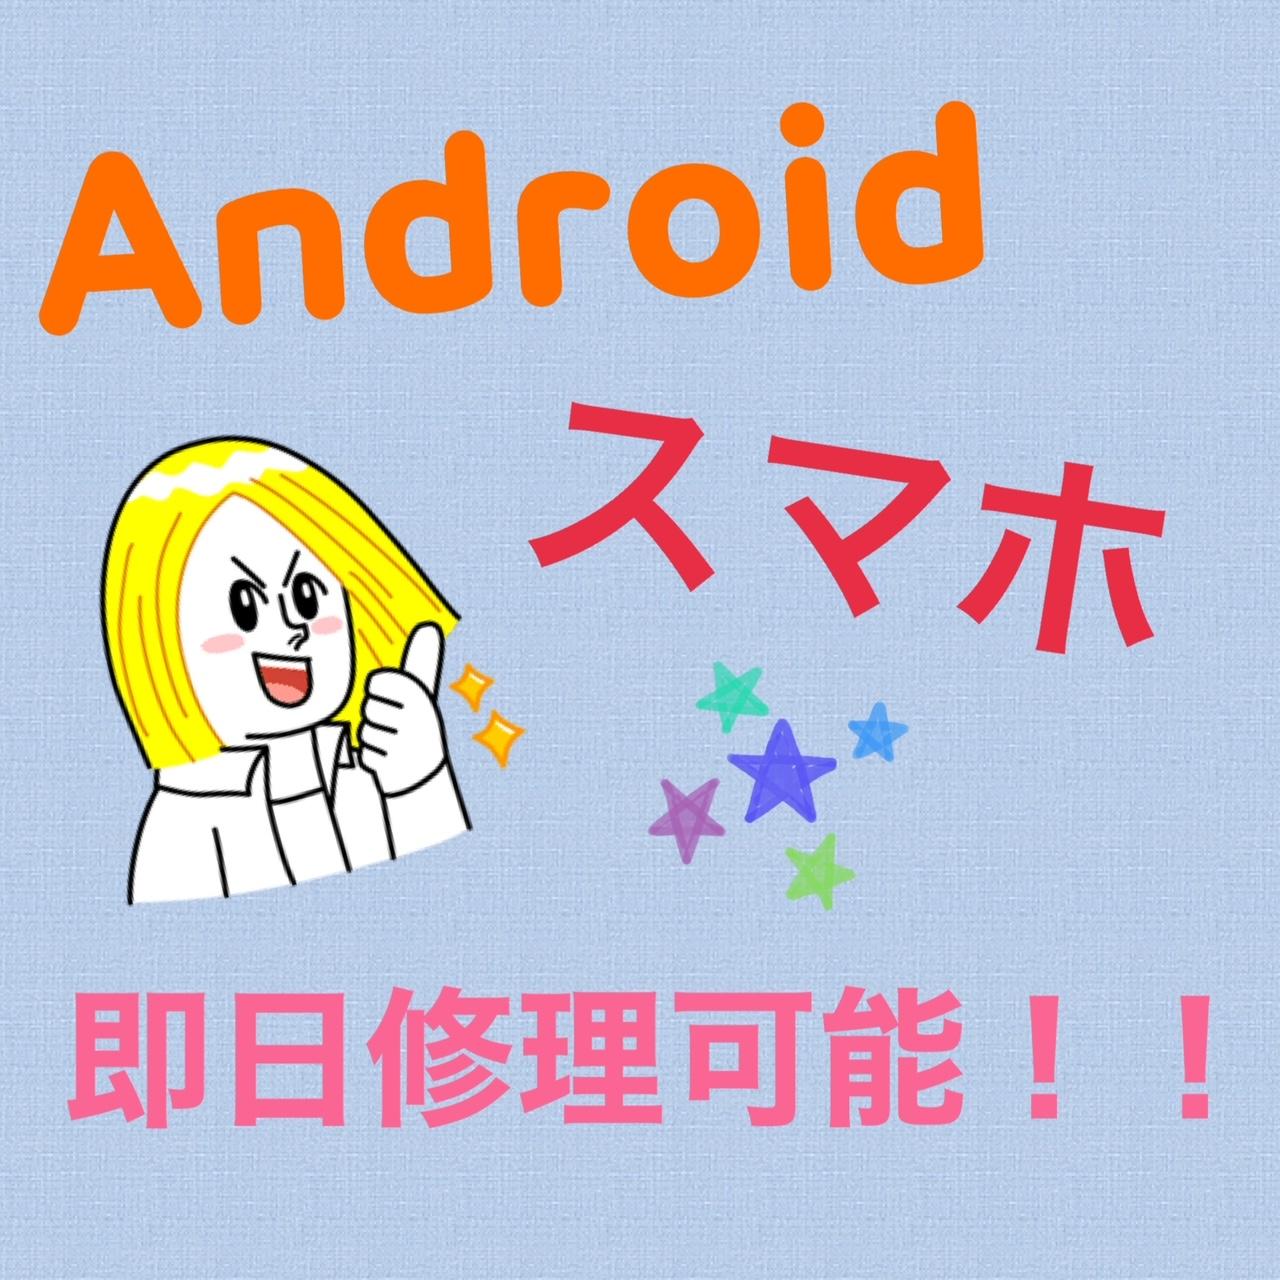 Android、スマホの即日お修理も対応できるようになりました!!【豊中市のiPhone修理店】